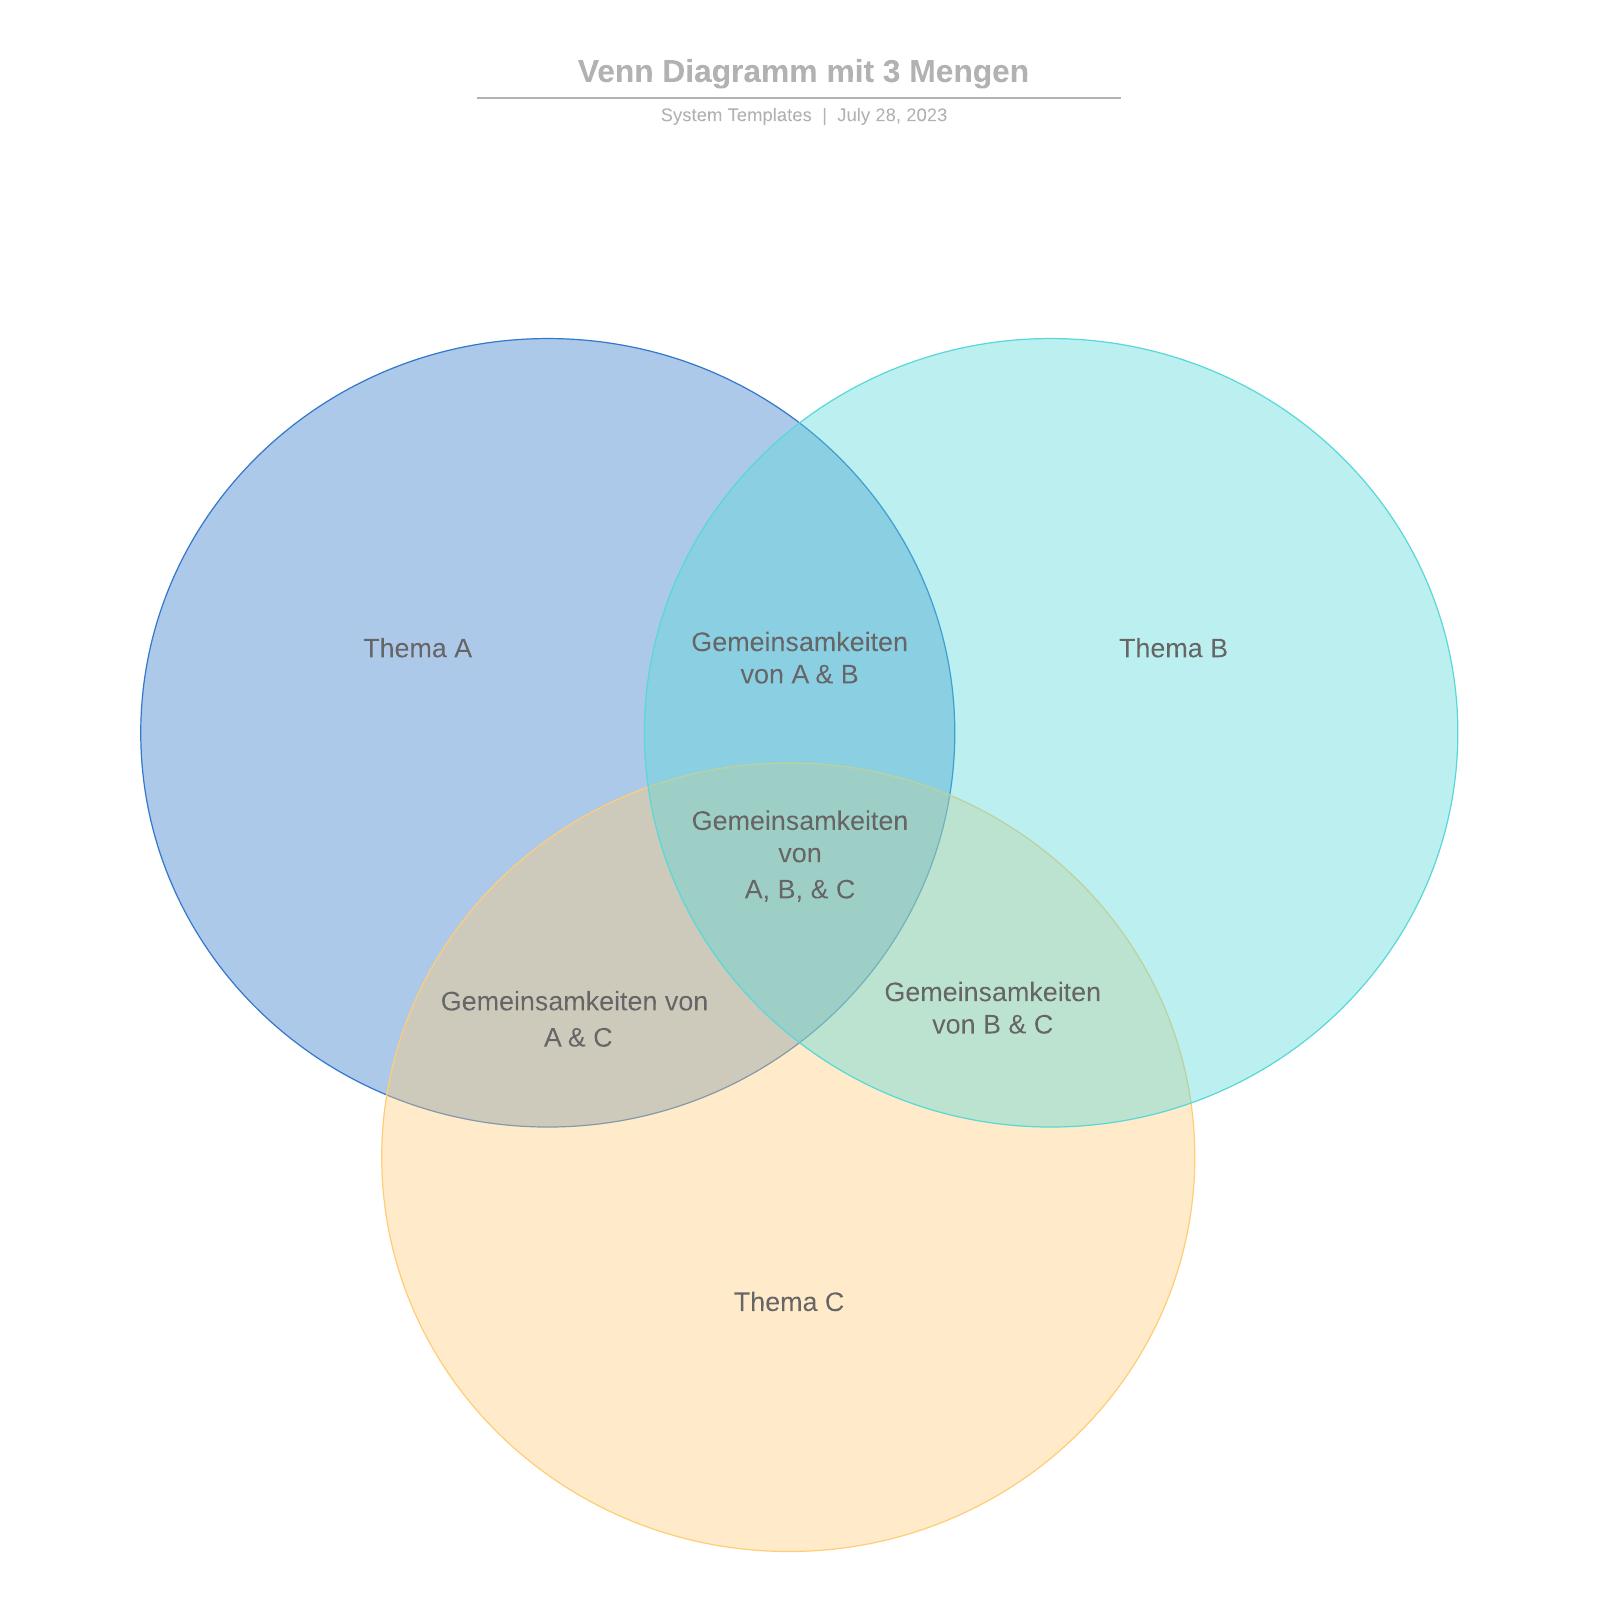 Venn Diagramm mit 3 Mengen Vorlage